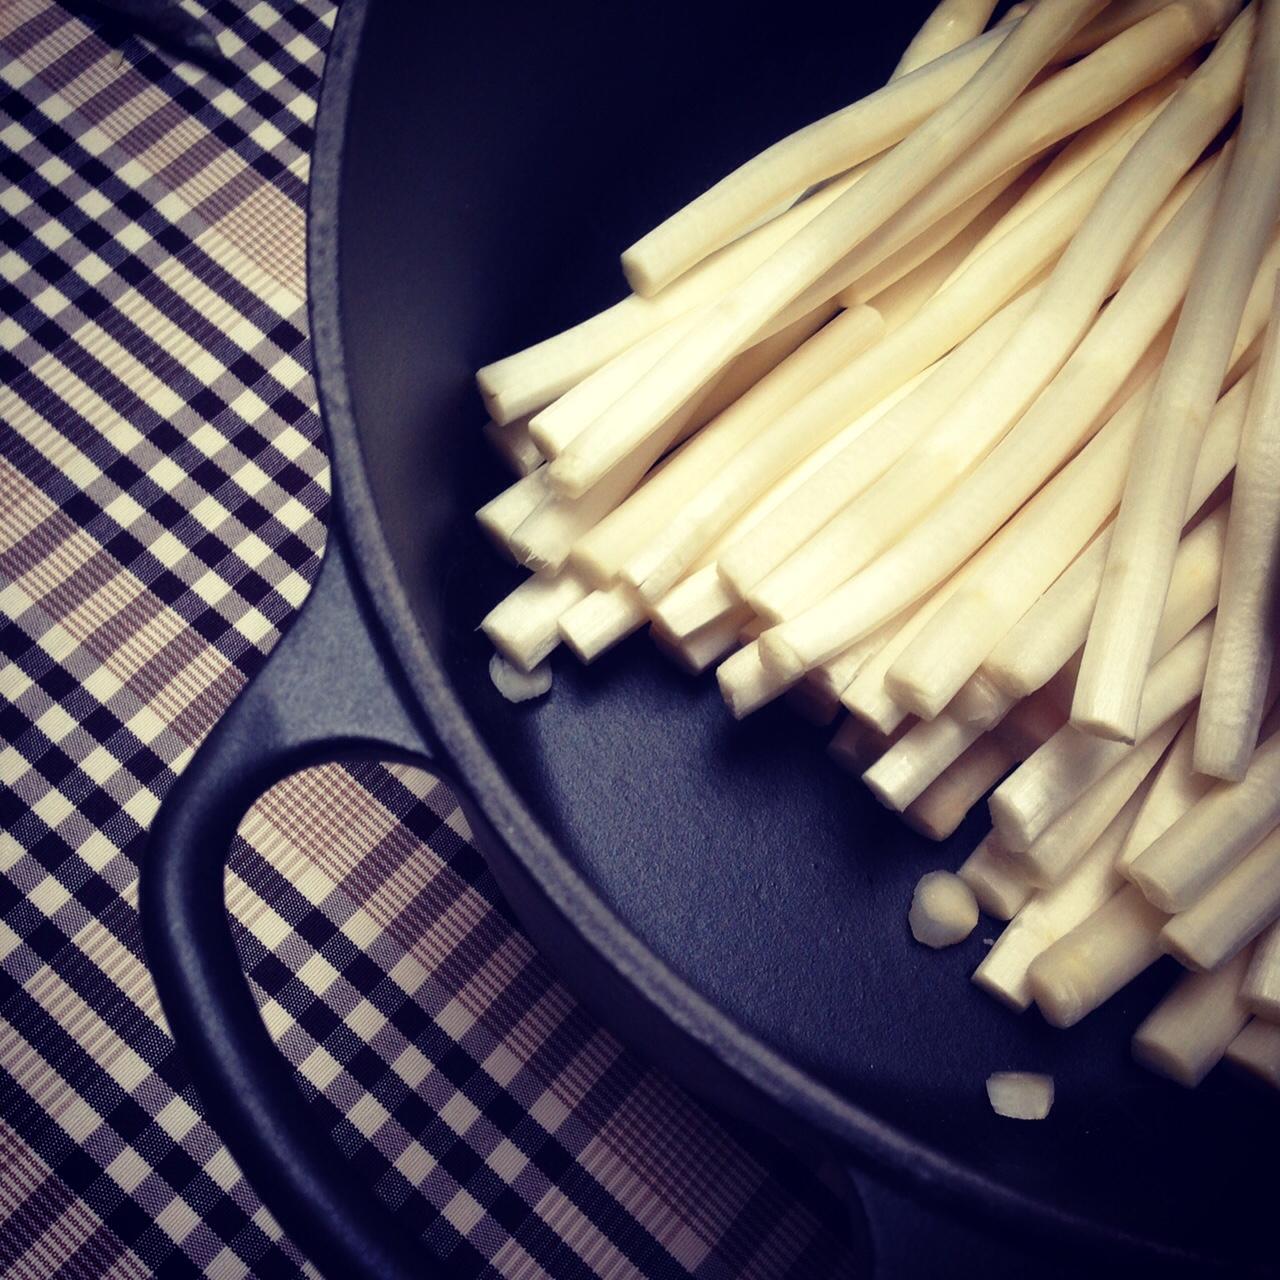 spargel-im-braeter-zubereiten